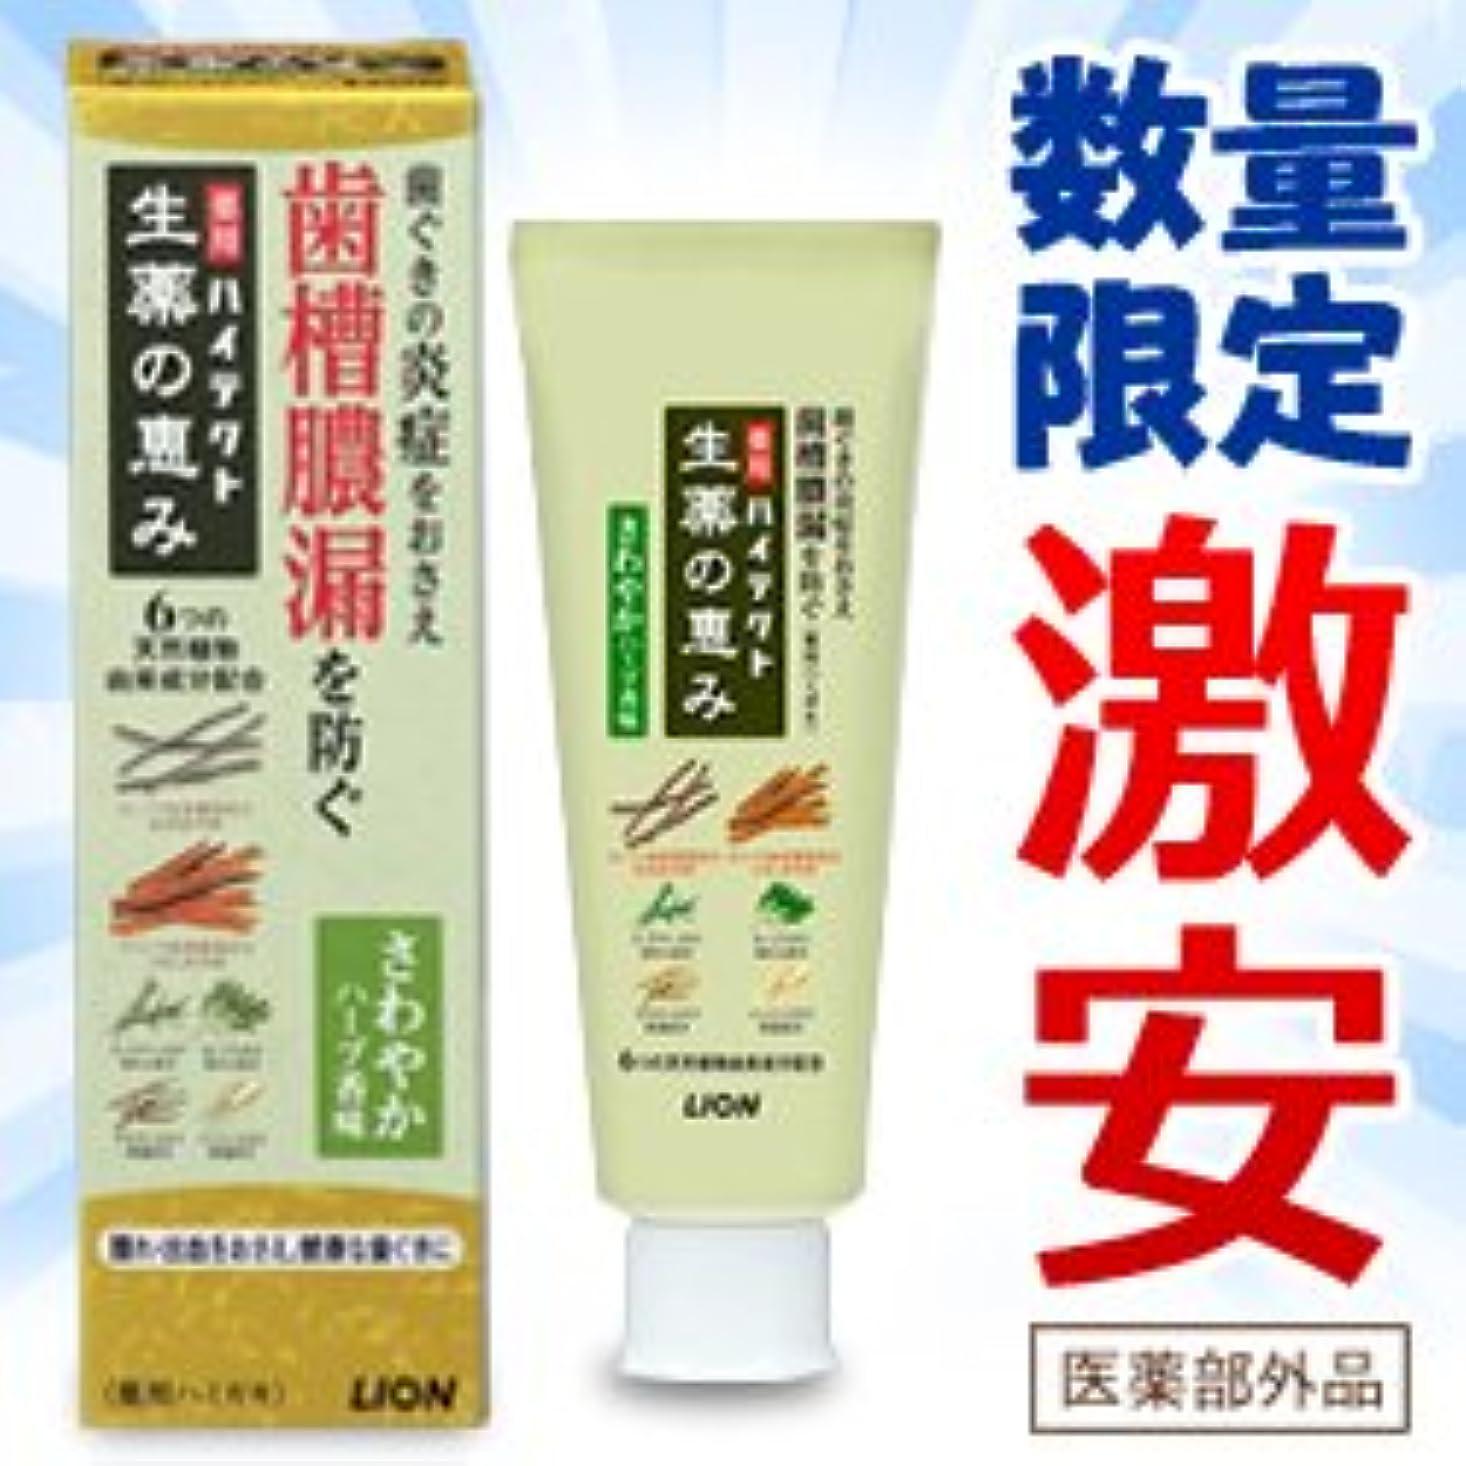 【ライオン】ハイテクト 生薬の恵み さわやかハーブ香味90g×5個セット